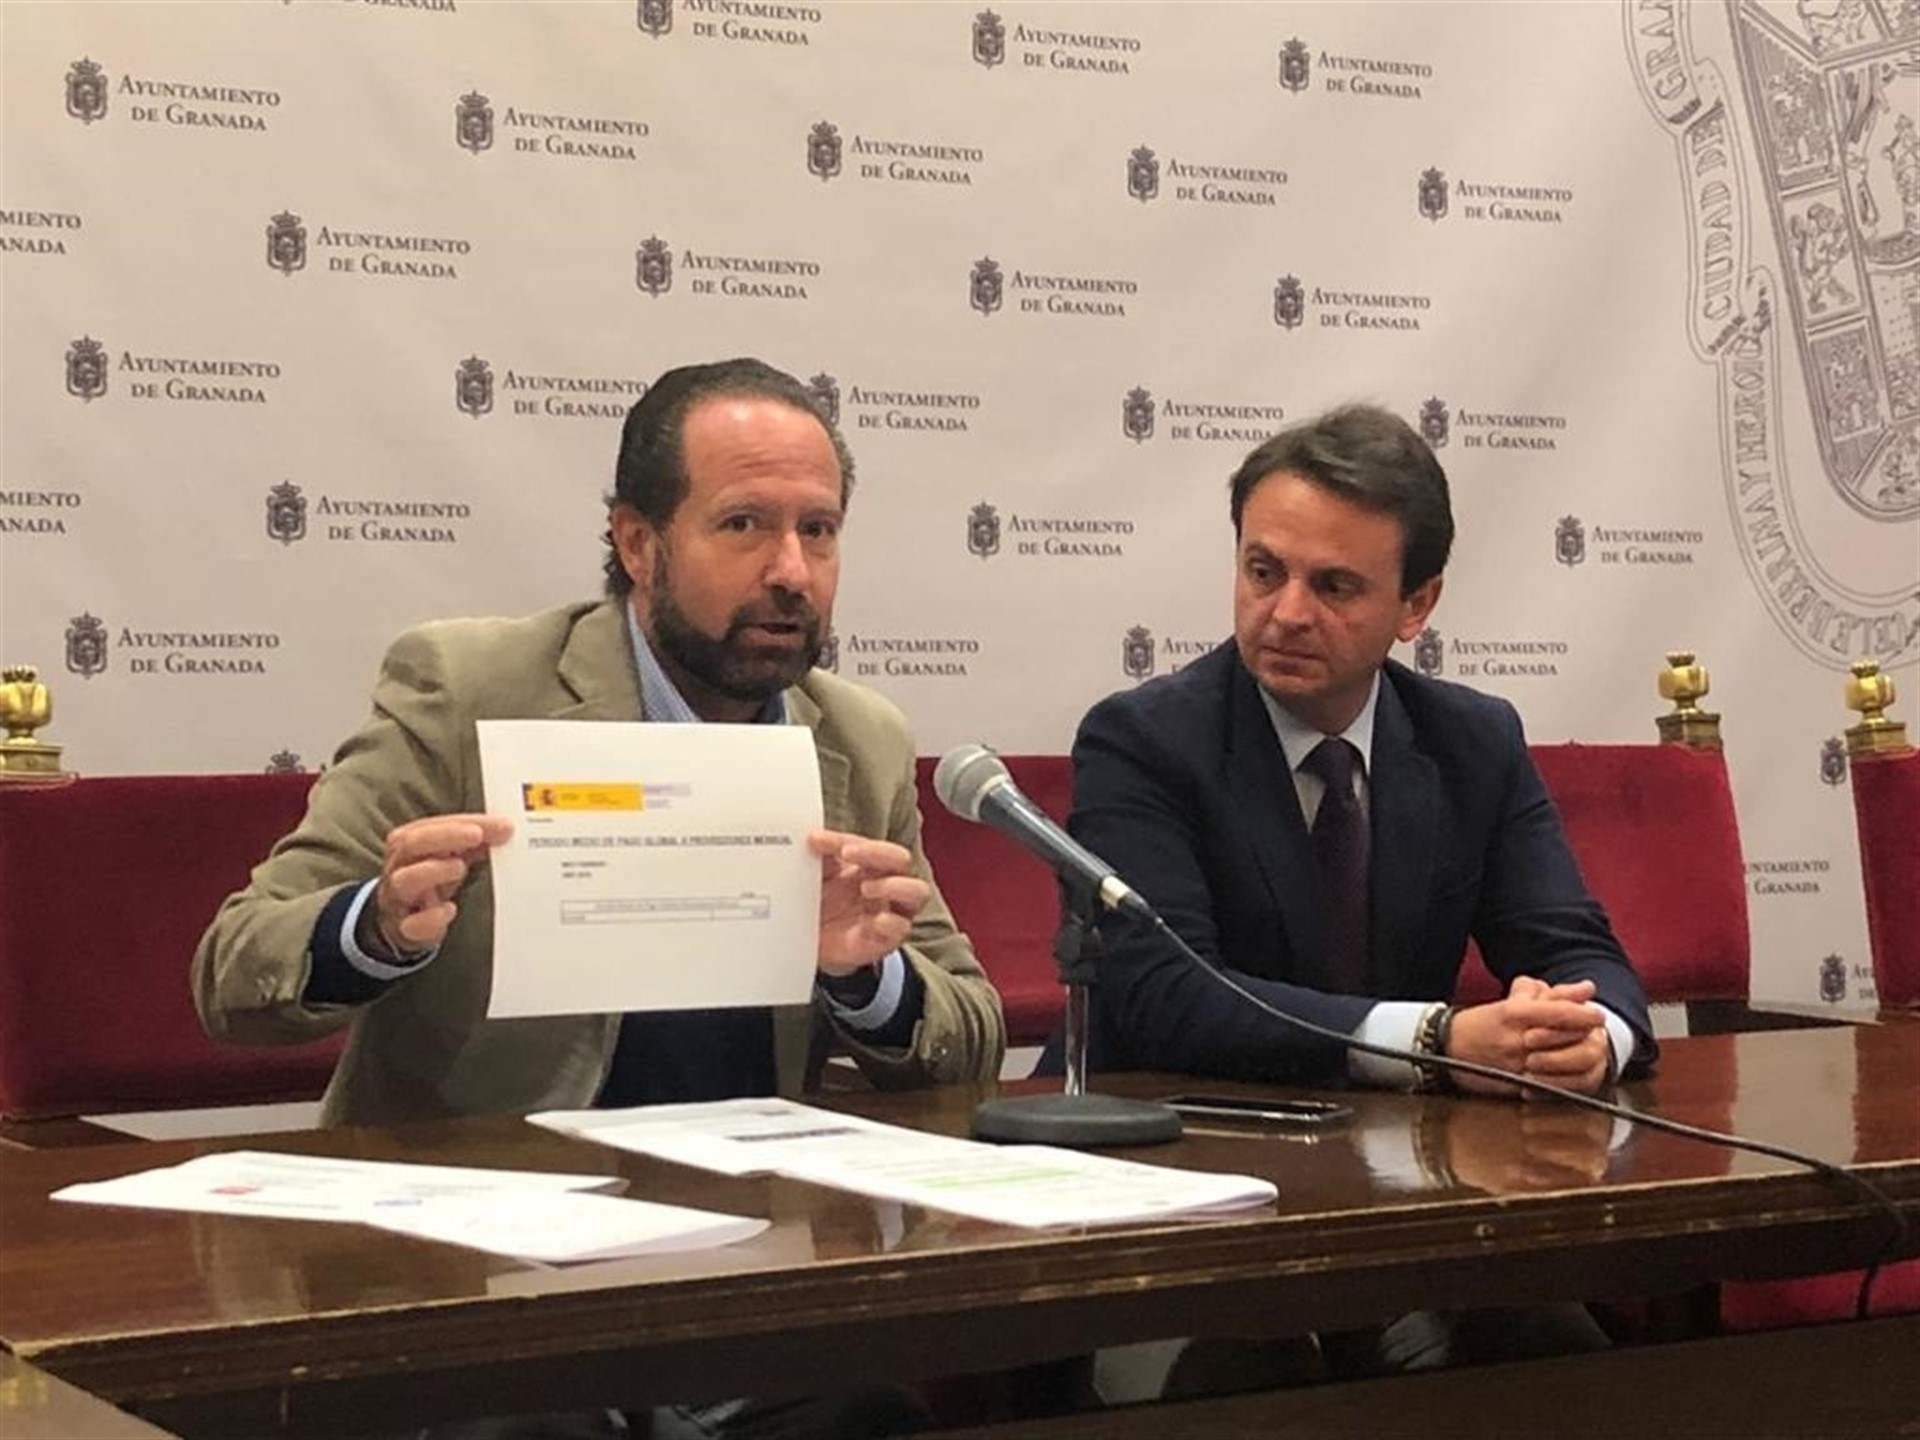 El PP alerta de que el Ayuntamiento está «al borde de la intervención» por la gestión económica del PSOE